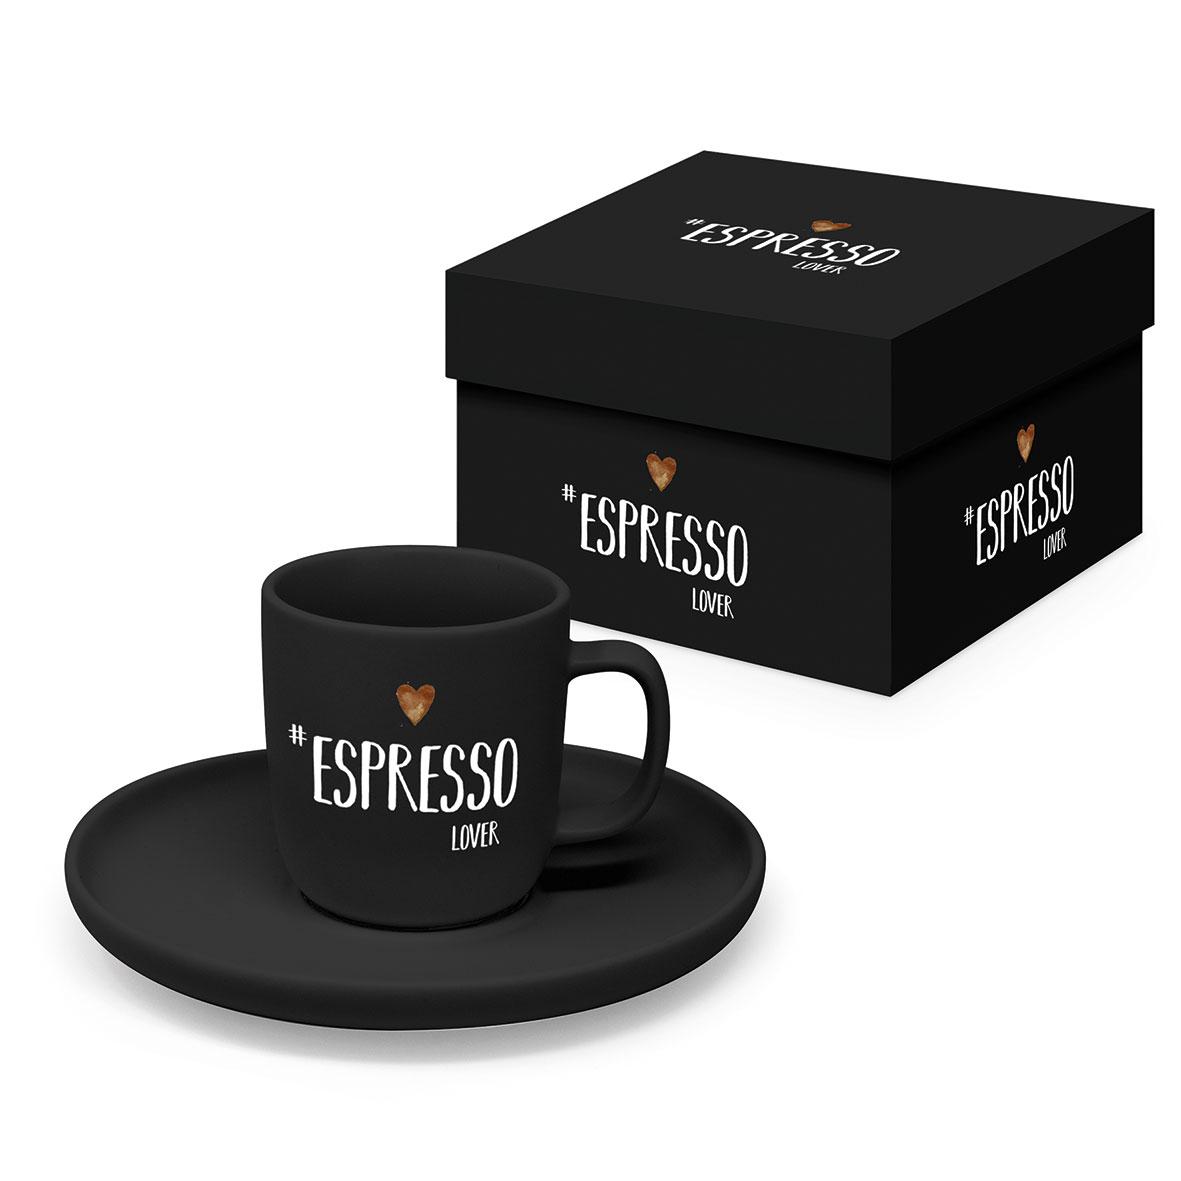 Espresso Lover black Matte Espresso